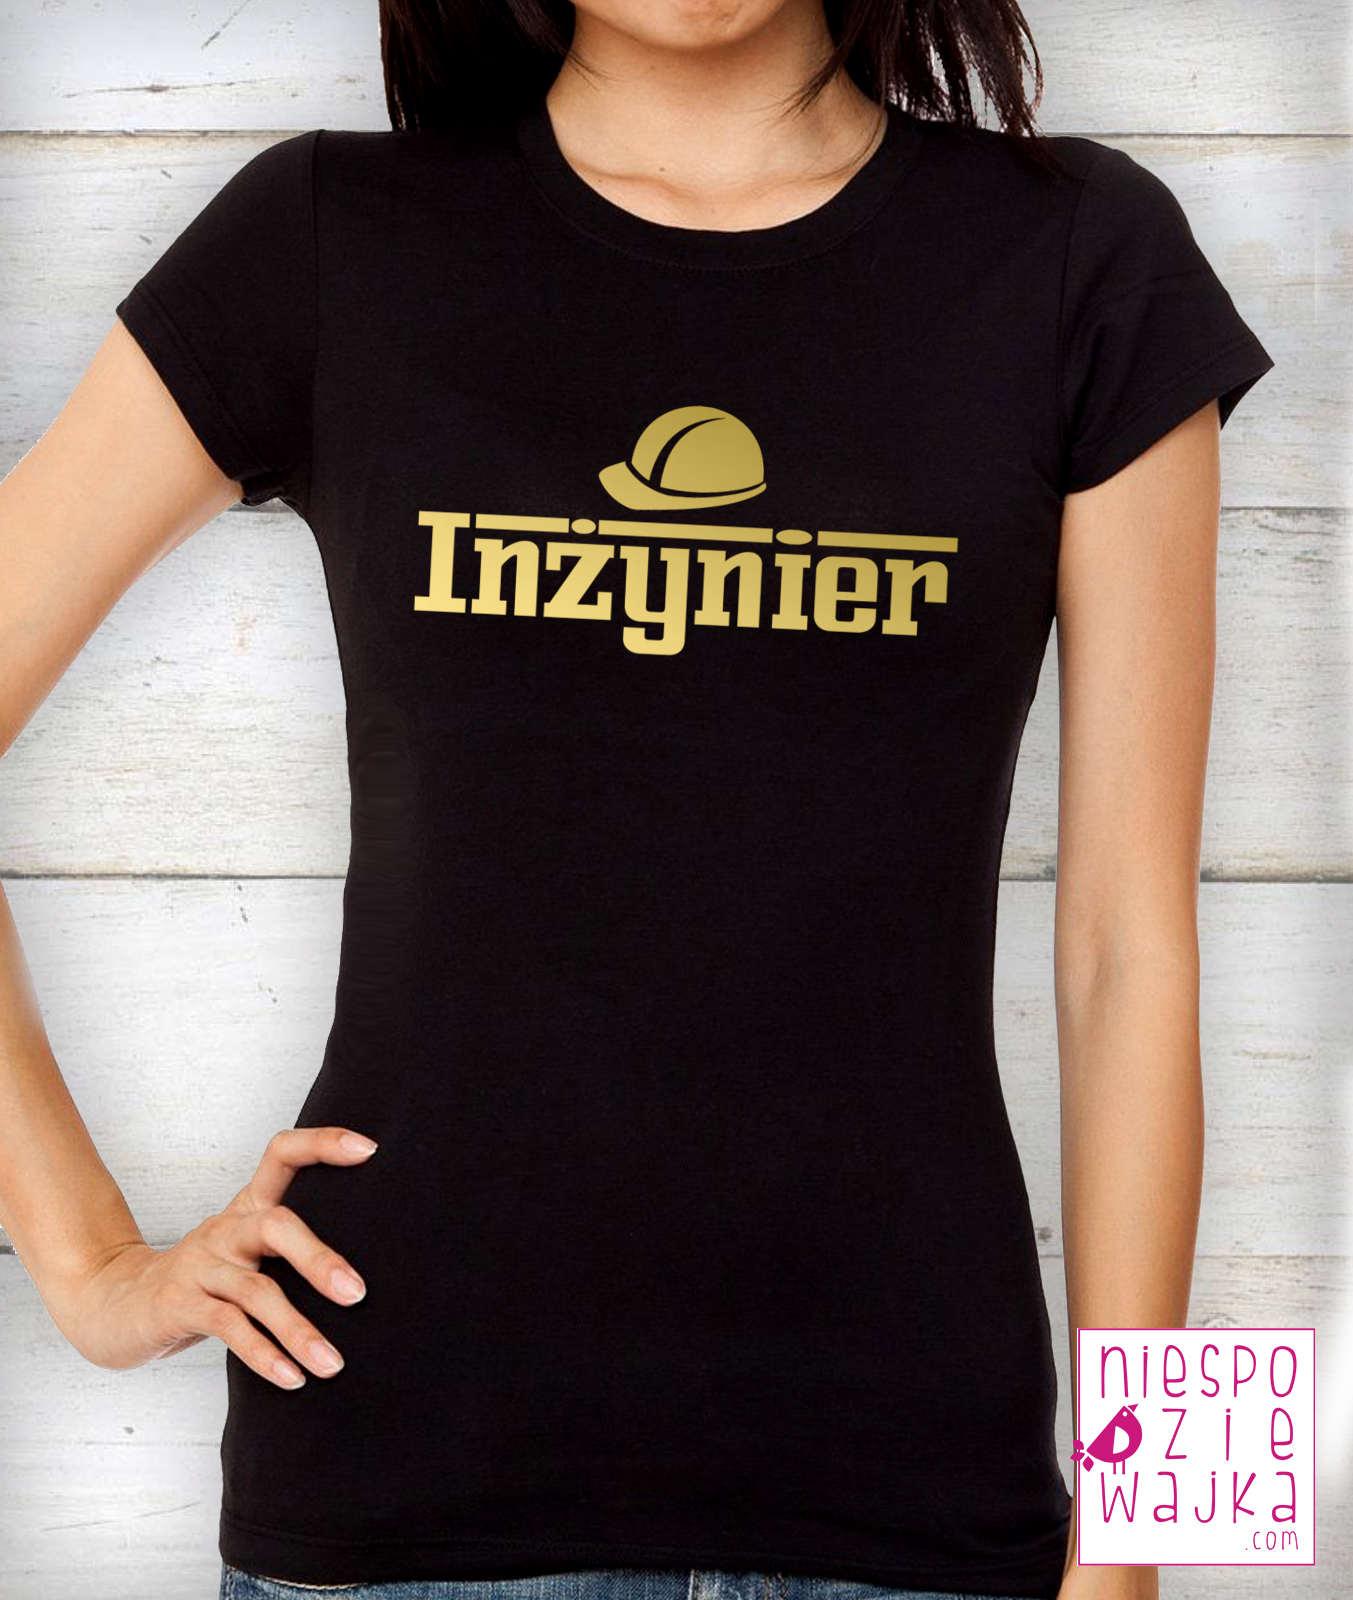 http://niespodziewajka.com/images/koszulka%20damska%20inzynier%20czarna%20zloty.jpg